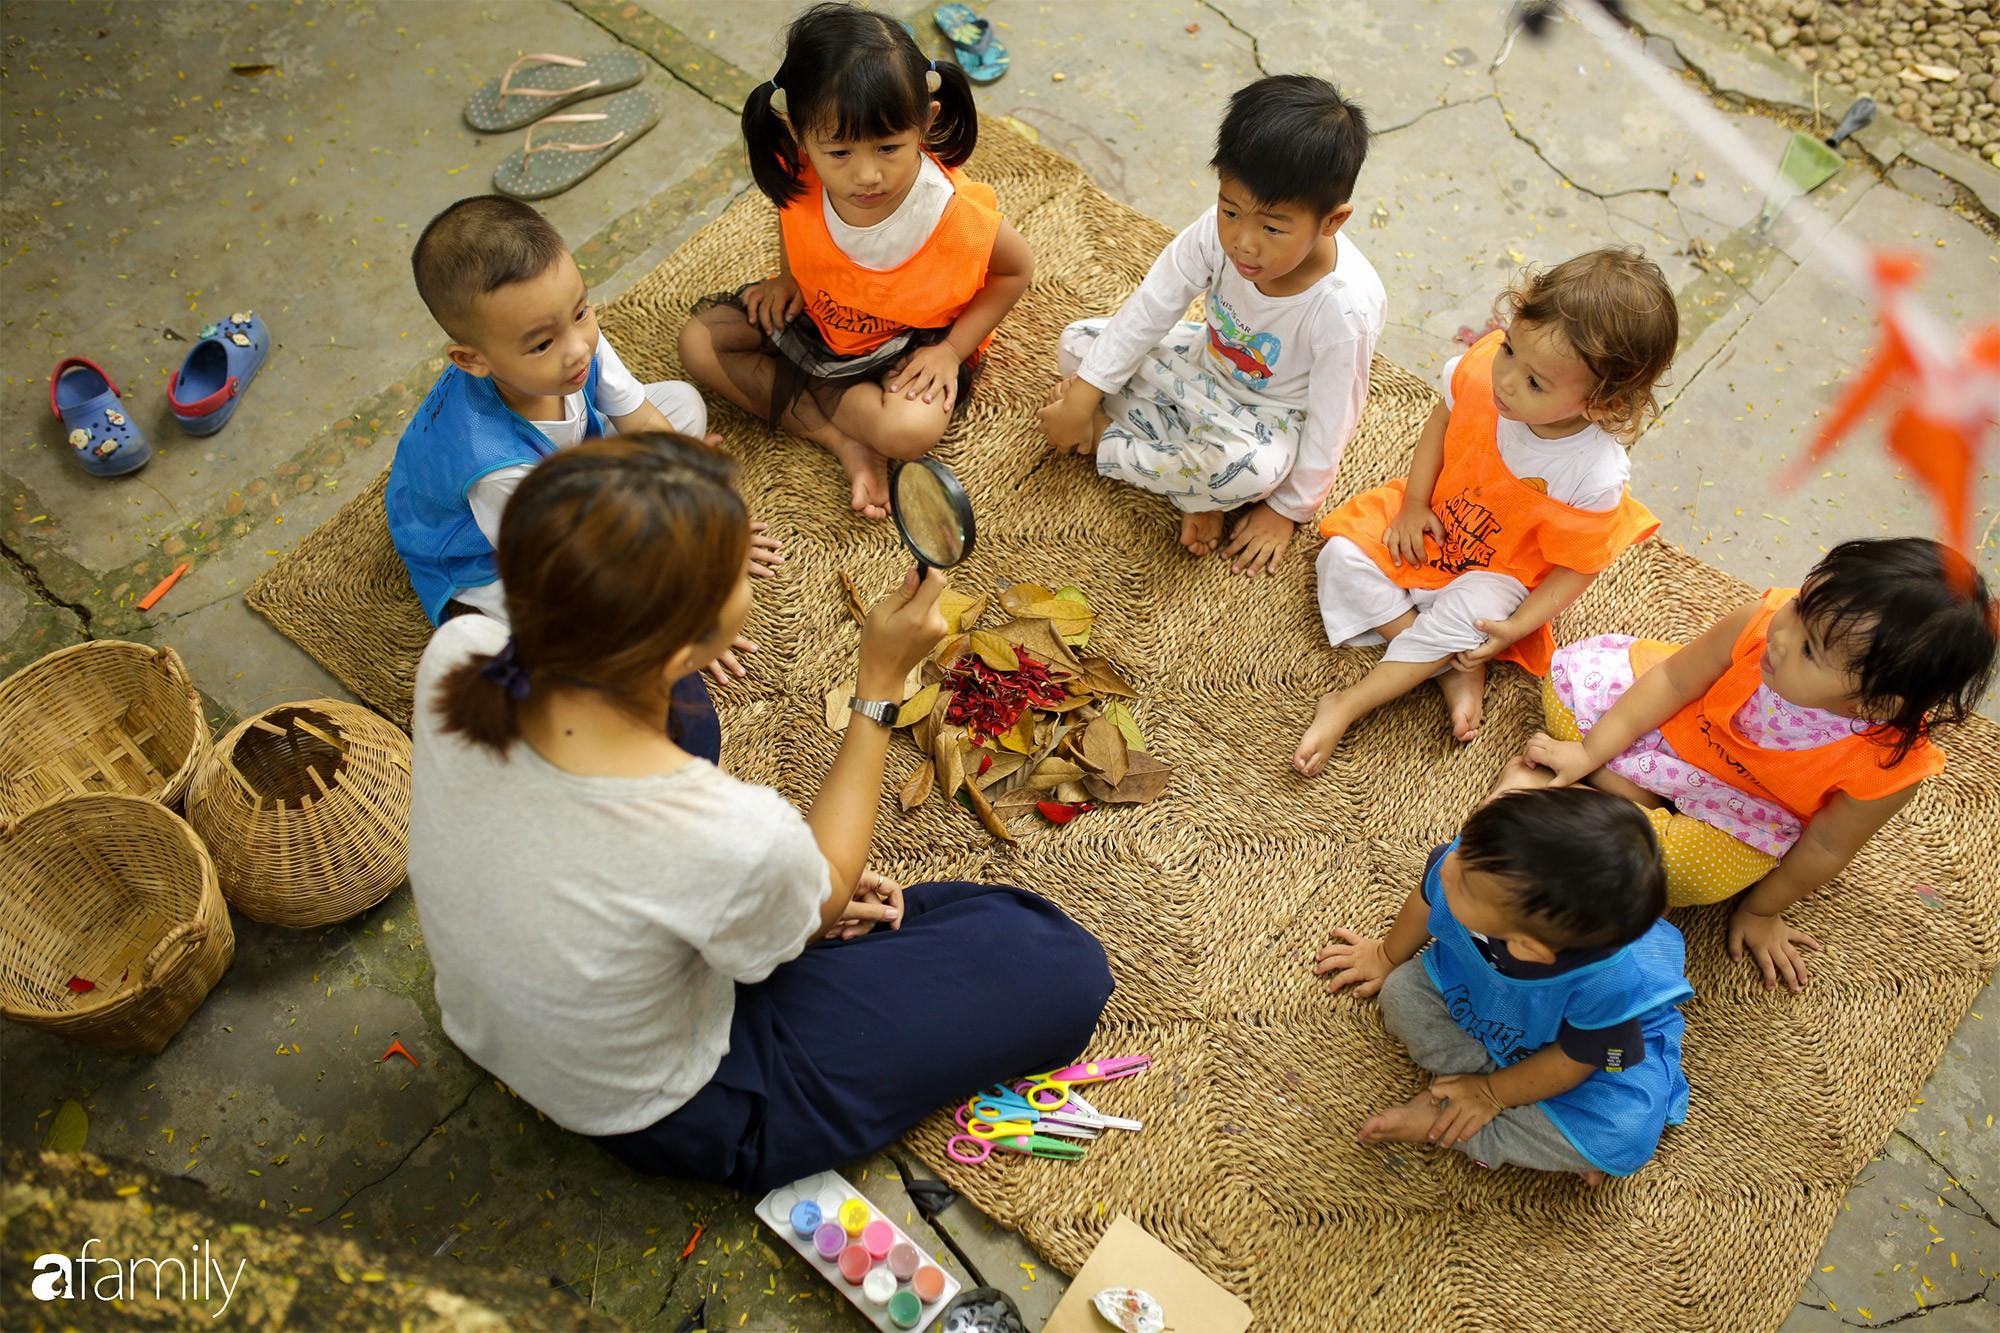 """Trường mẫu giáo lạ lùng giữa Sài Gòn: không có lớp học để trẻ thỏa sức """"dầm mưa dãi nắng"""" cả ngày - Ảnh 7."""